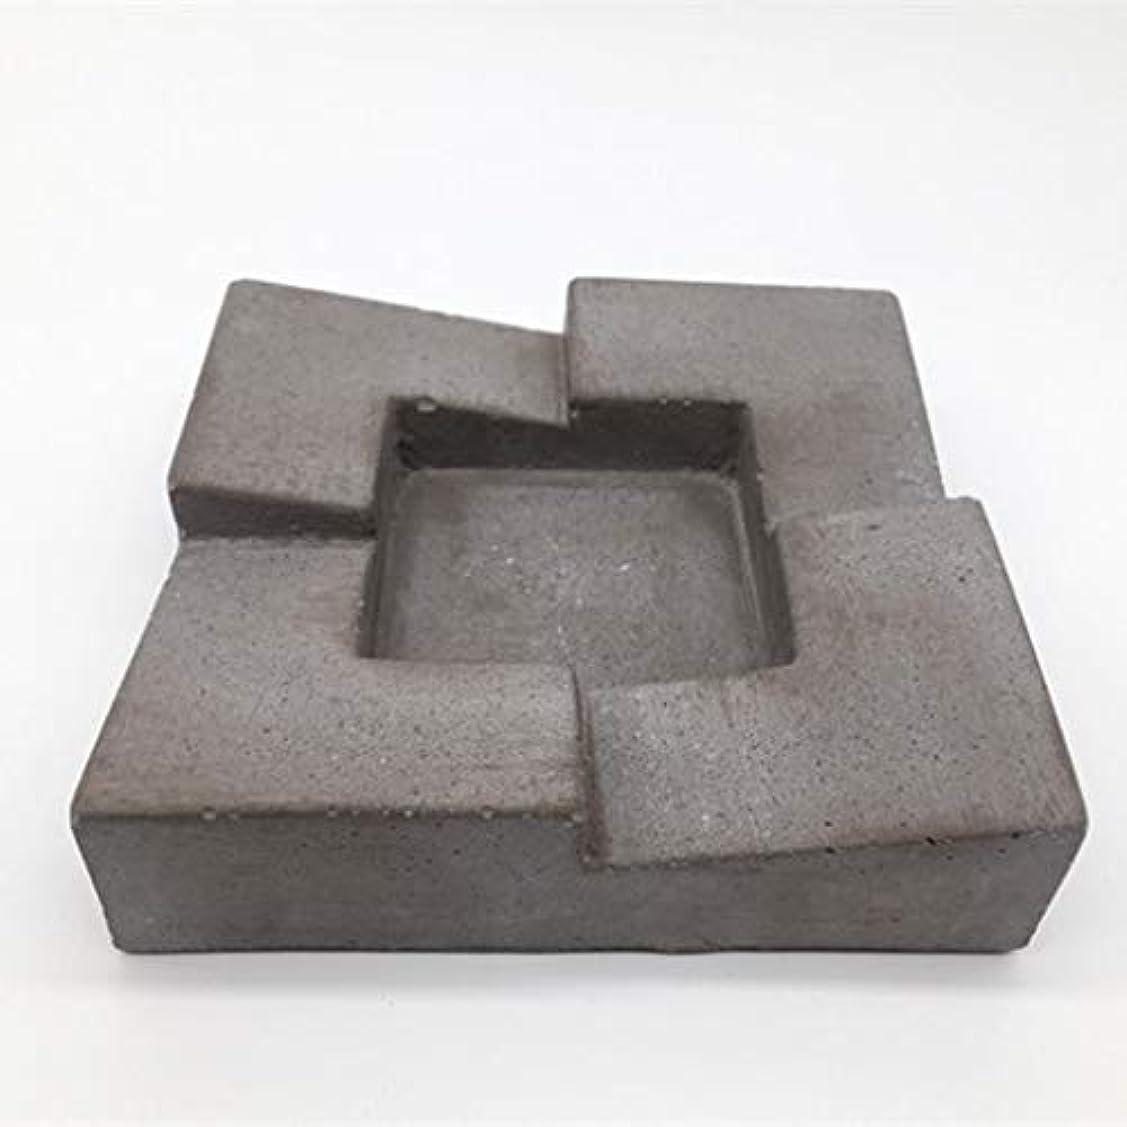 カナダ散歩に行く購入ビンテージ手彫り灰皿、ホームデスクトップ家具葉巻コンクリートリビングルームバーオフィスセメント灰皿(グレー)品質保証